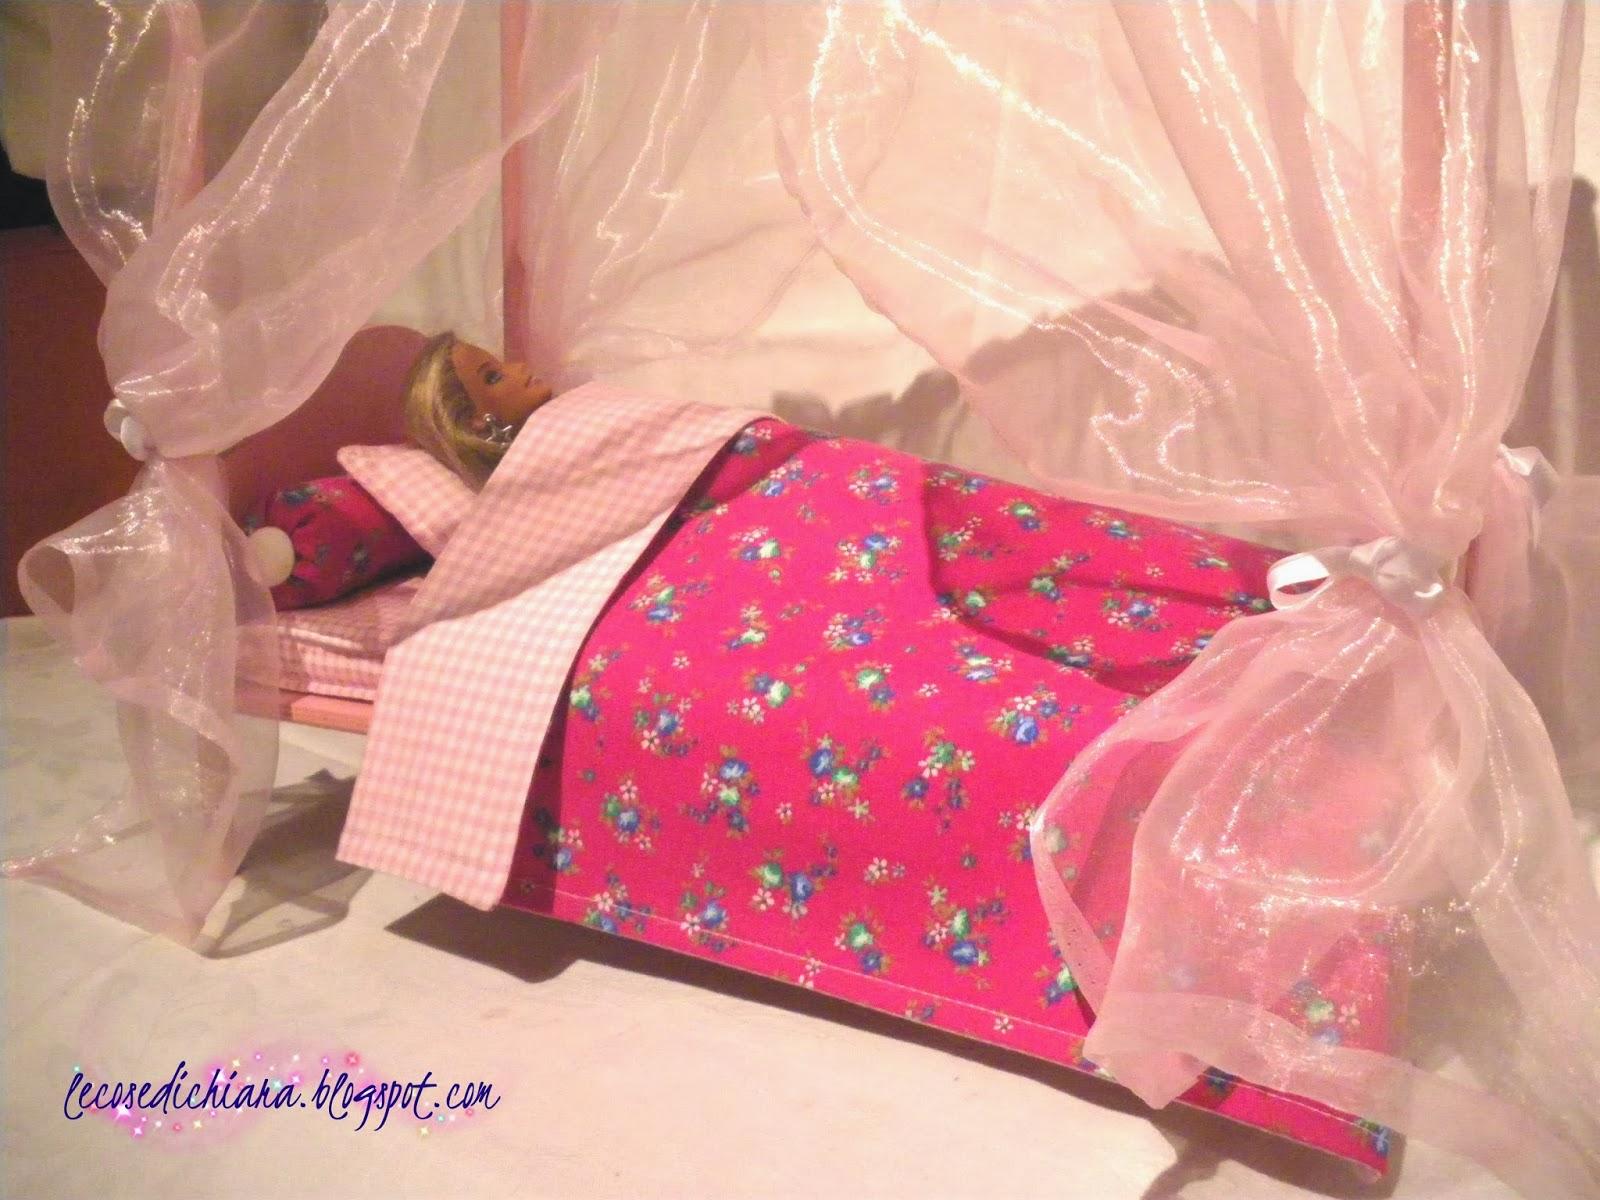 lecosedichiara: tutorial il letto a baldacchino di barbie - Camera Da Letto Di Barbie